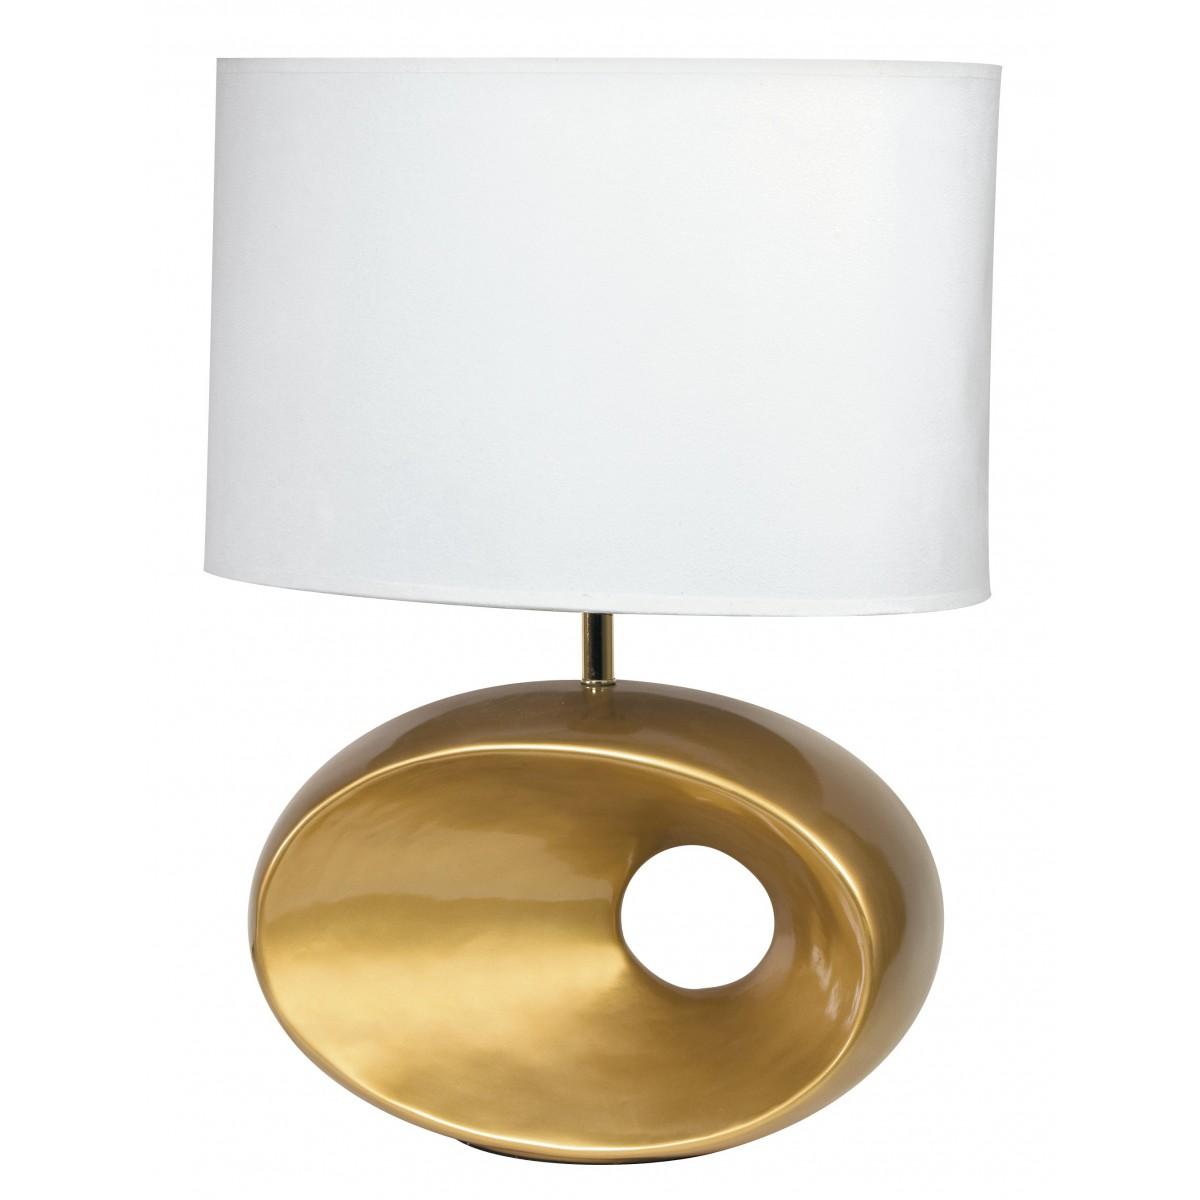 Design Lampade Da Tavolo i-eolo/l 58 - lampada da tavolo oro dal design moderno e con paralume  bianco 60 watt e27